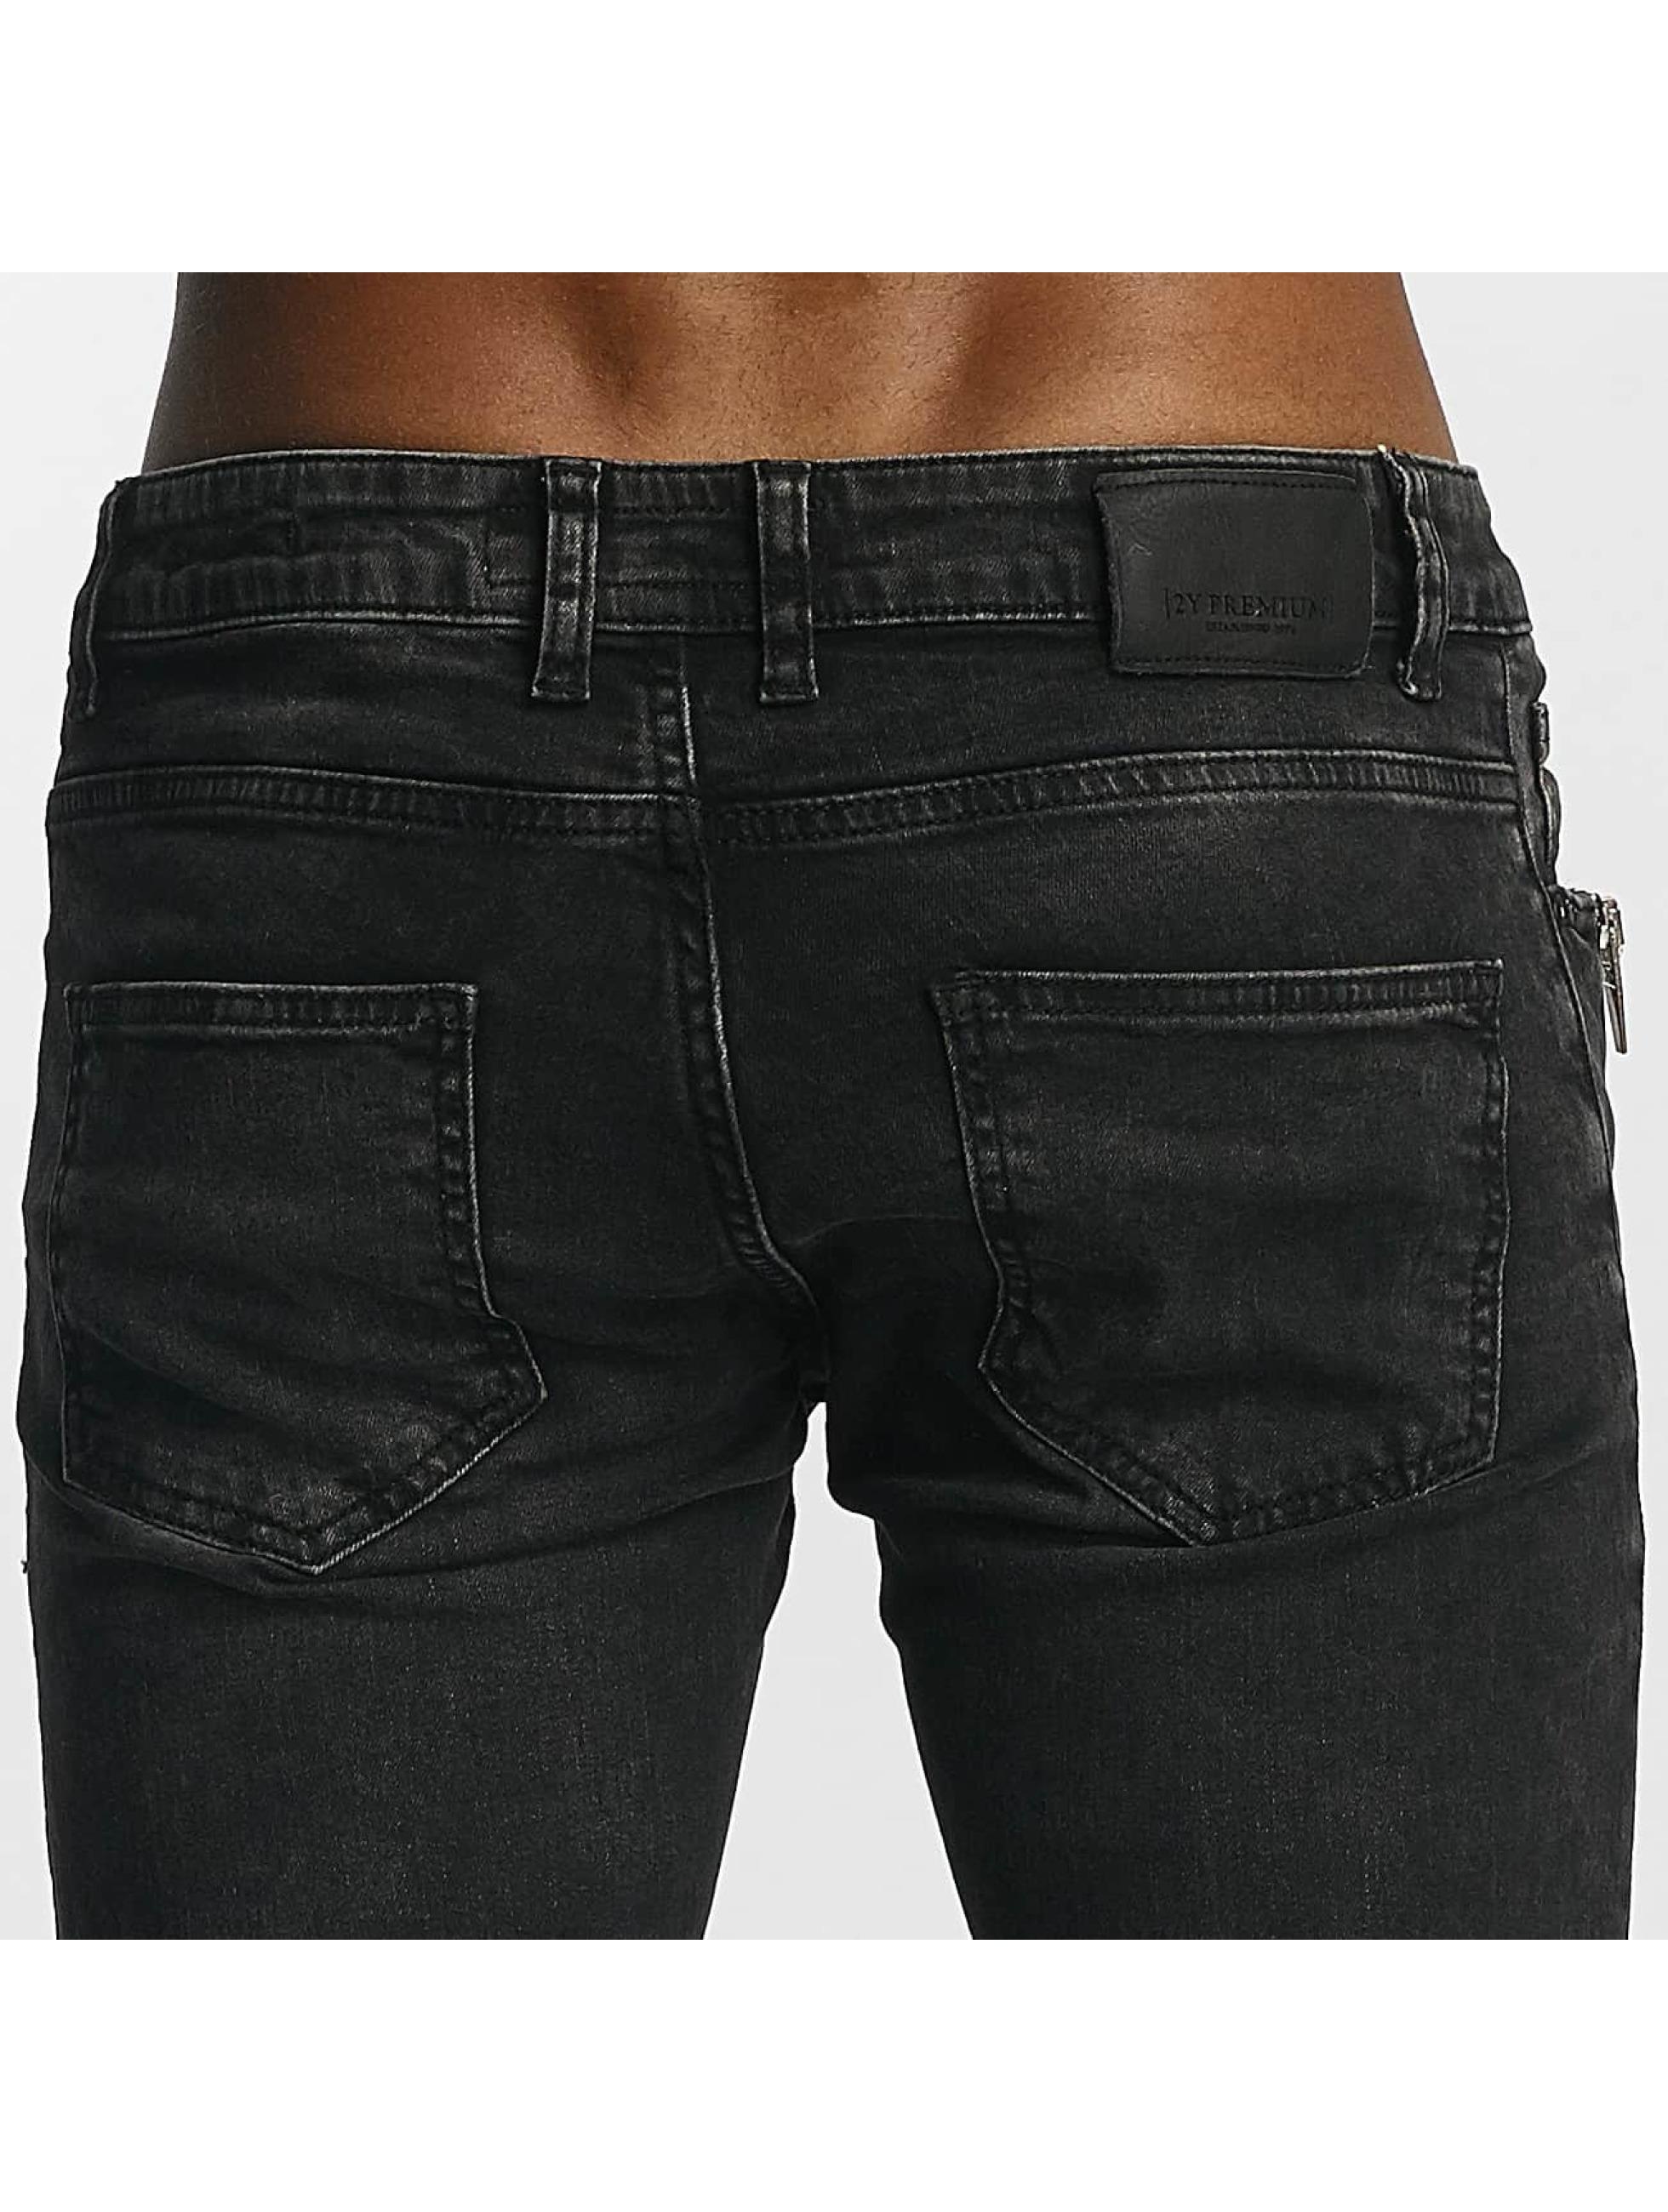 2Y Jeans ajustado Thomas gris